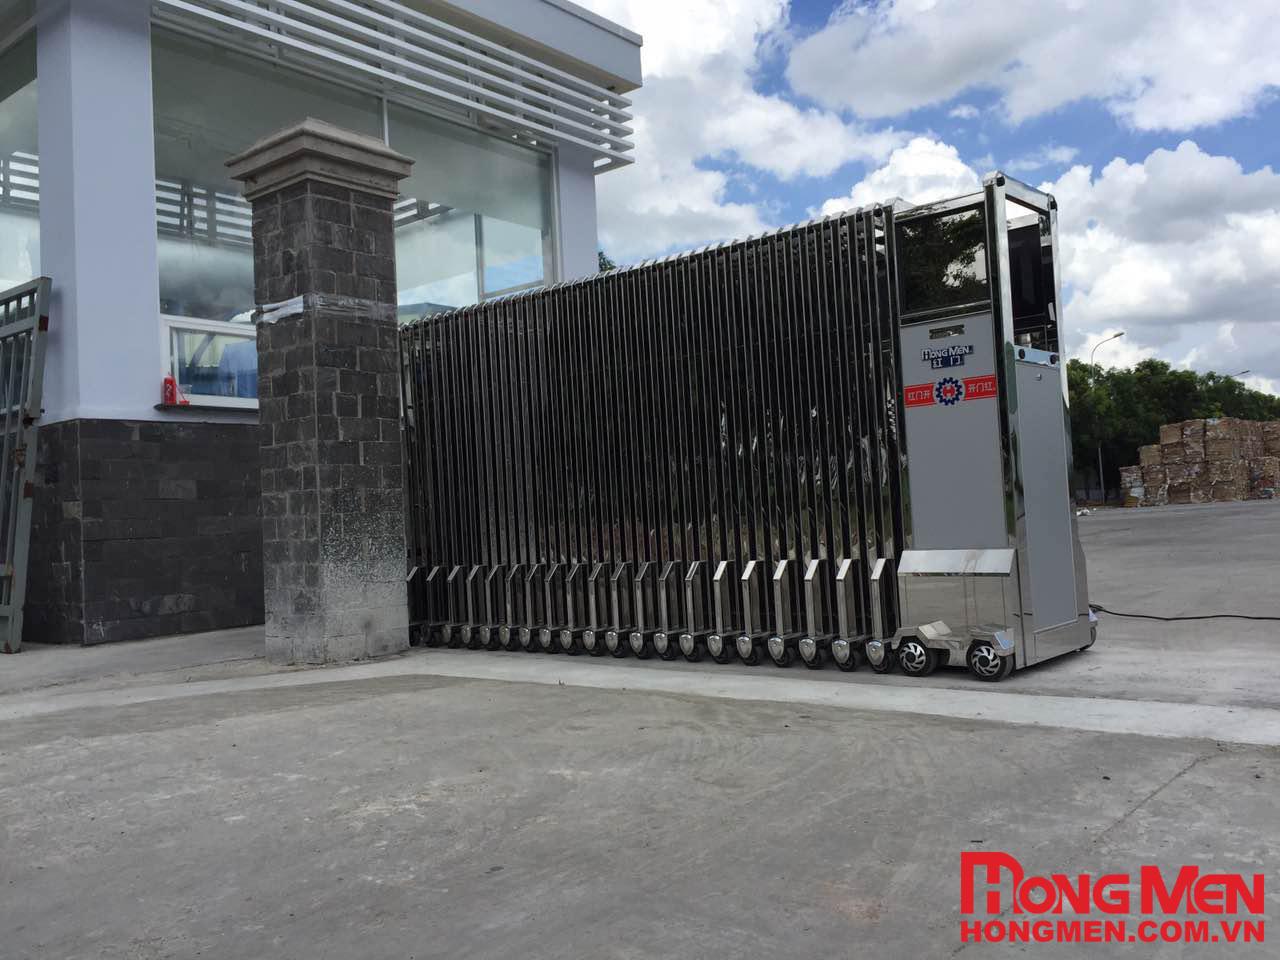 Cổng xếp inox Hồng môn - Nhà máy giấy SG Mỹ Xuân